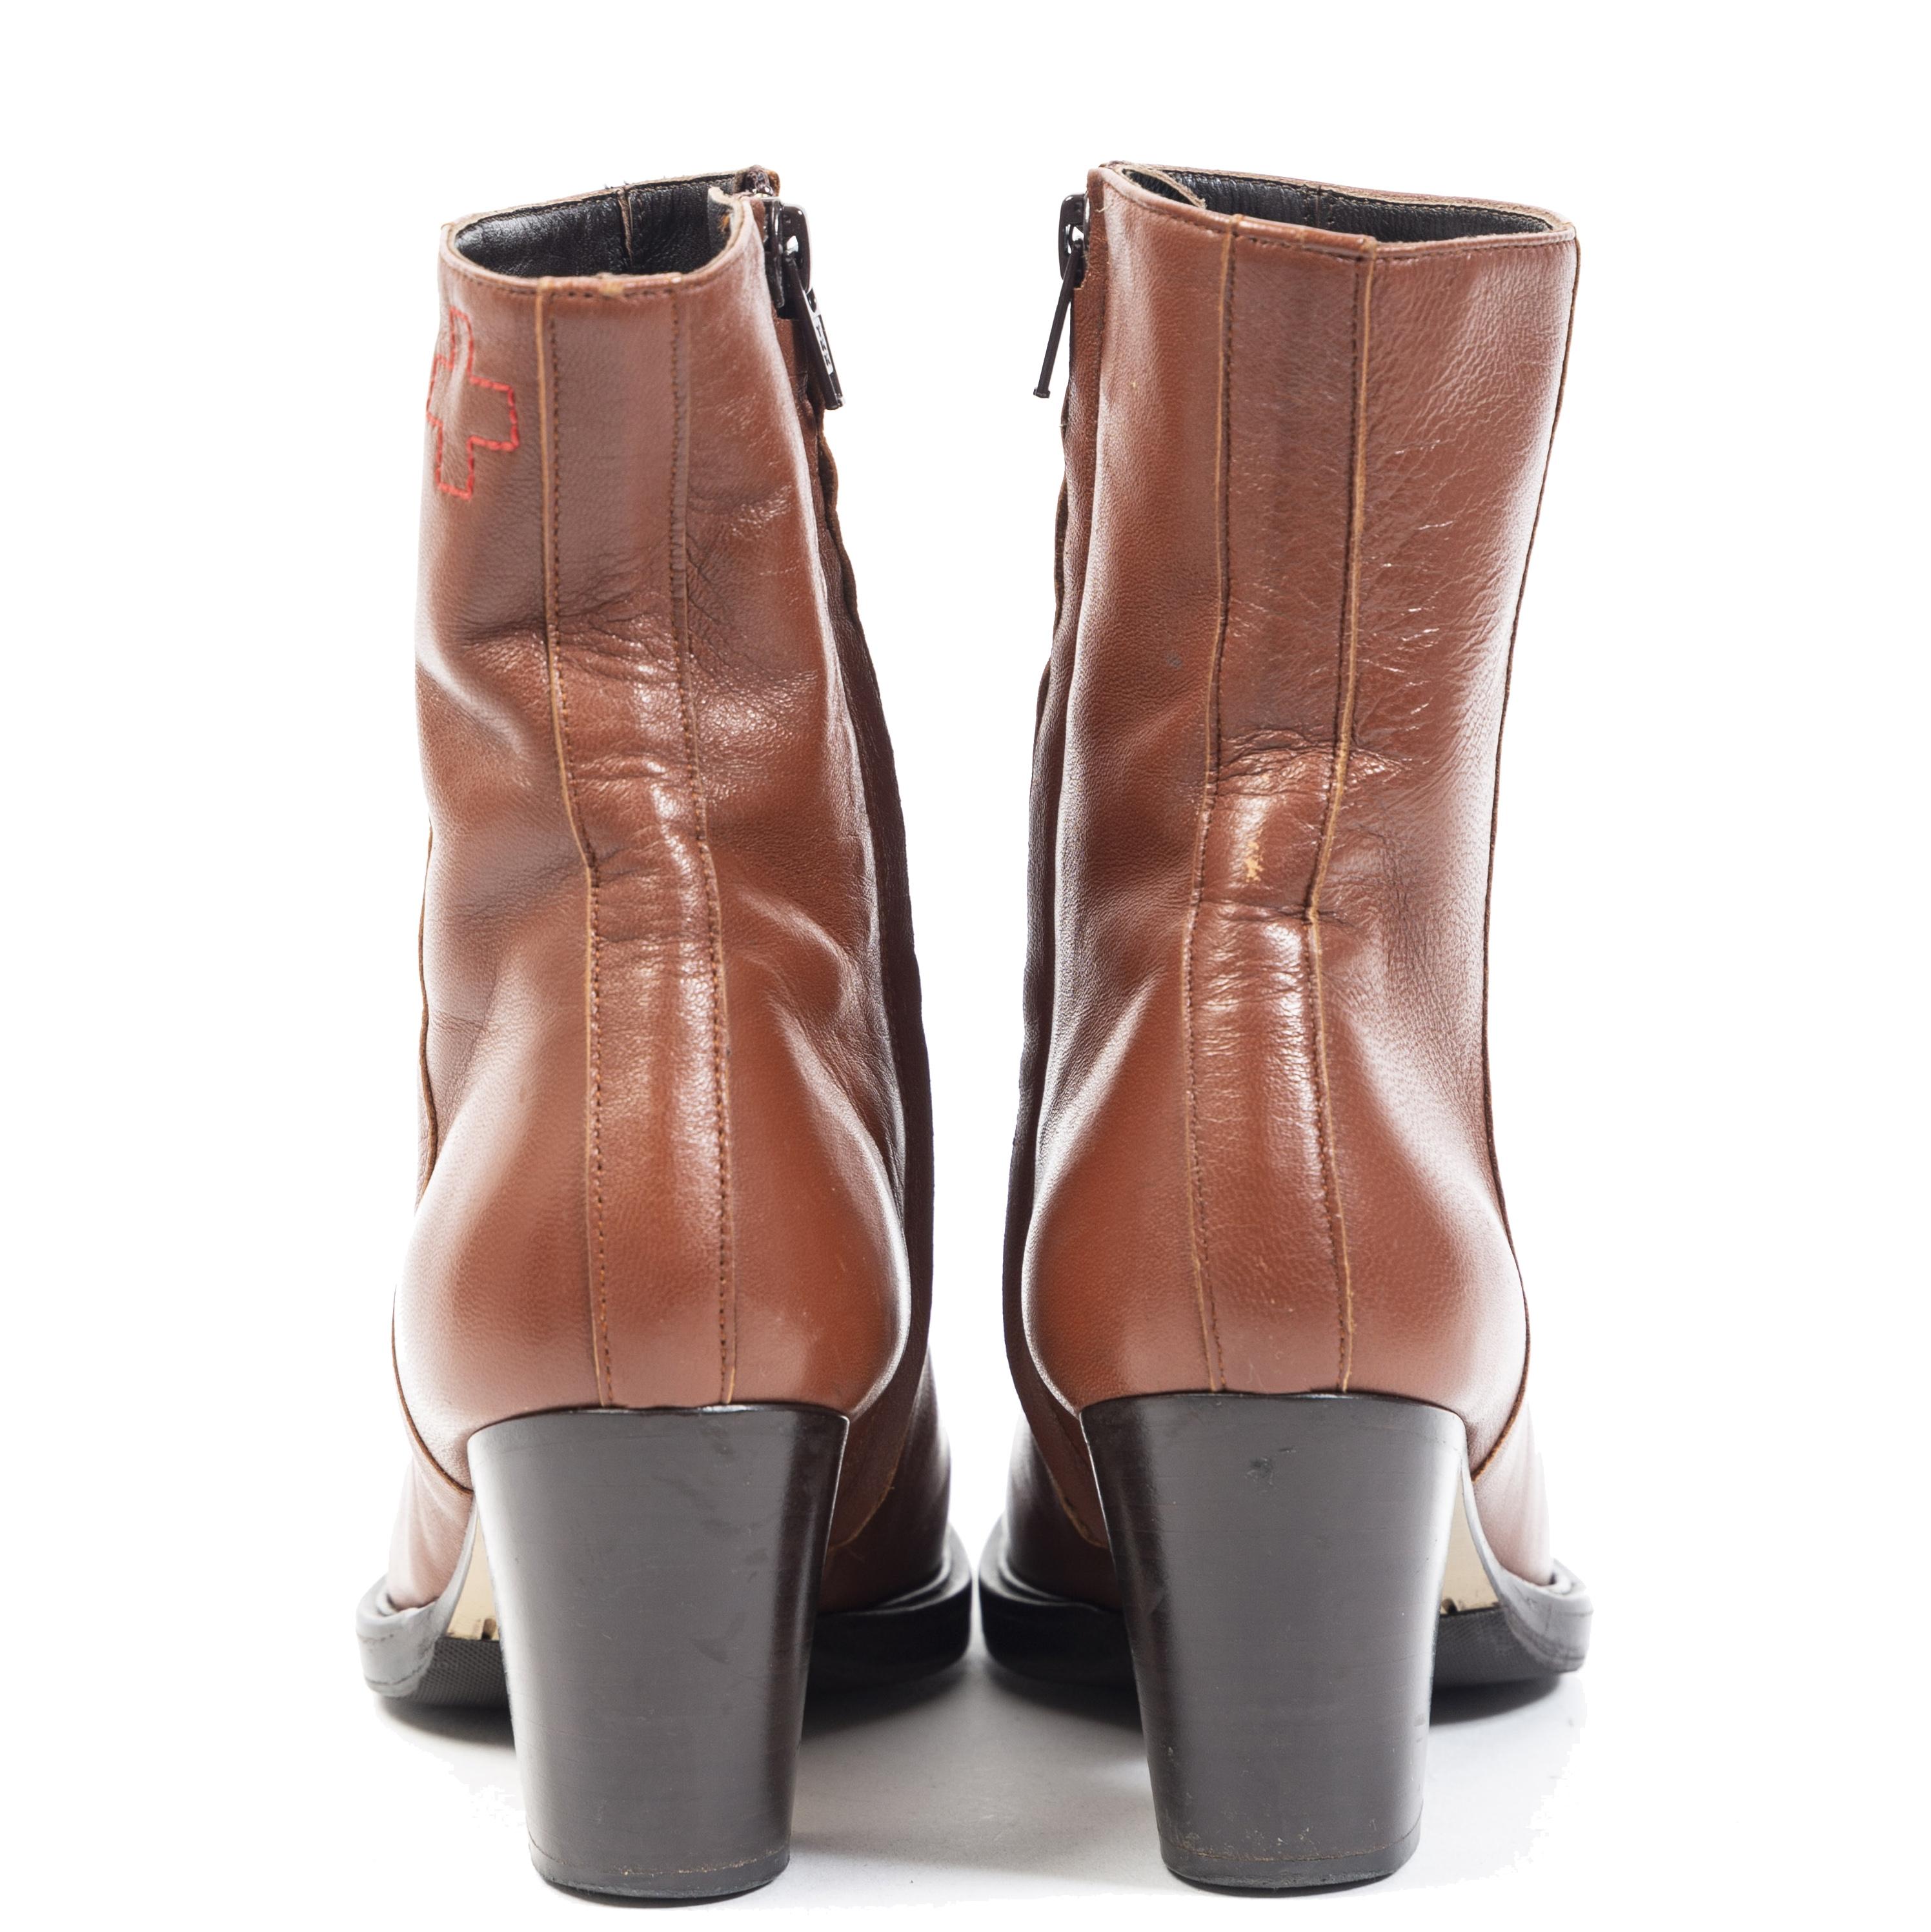 AF Vandevorst Copper Boots - Size 36